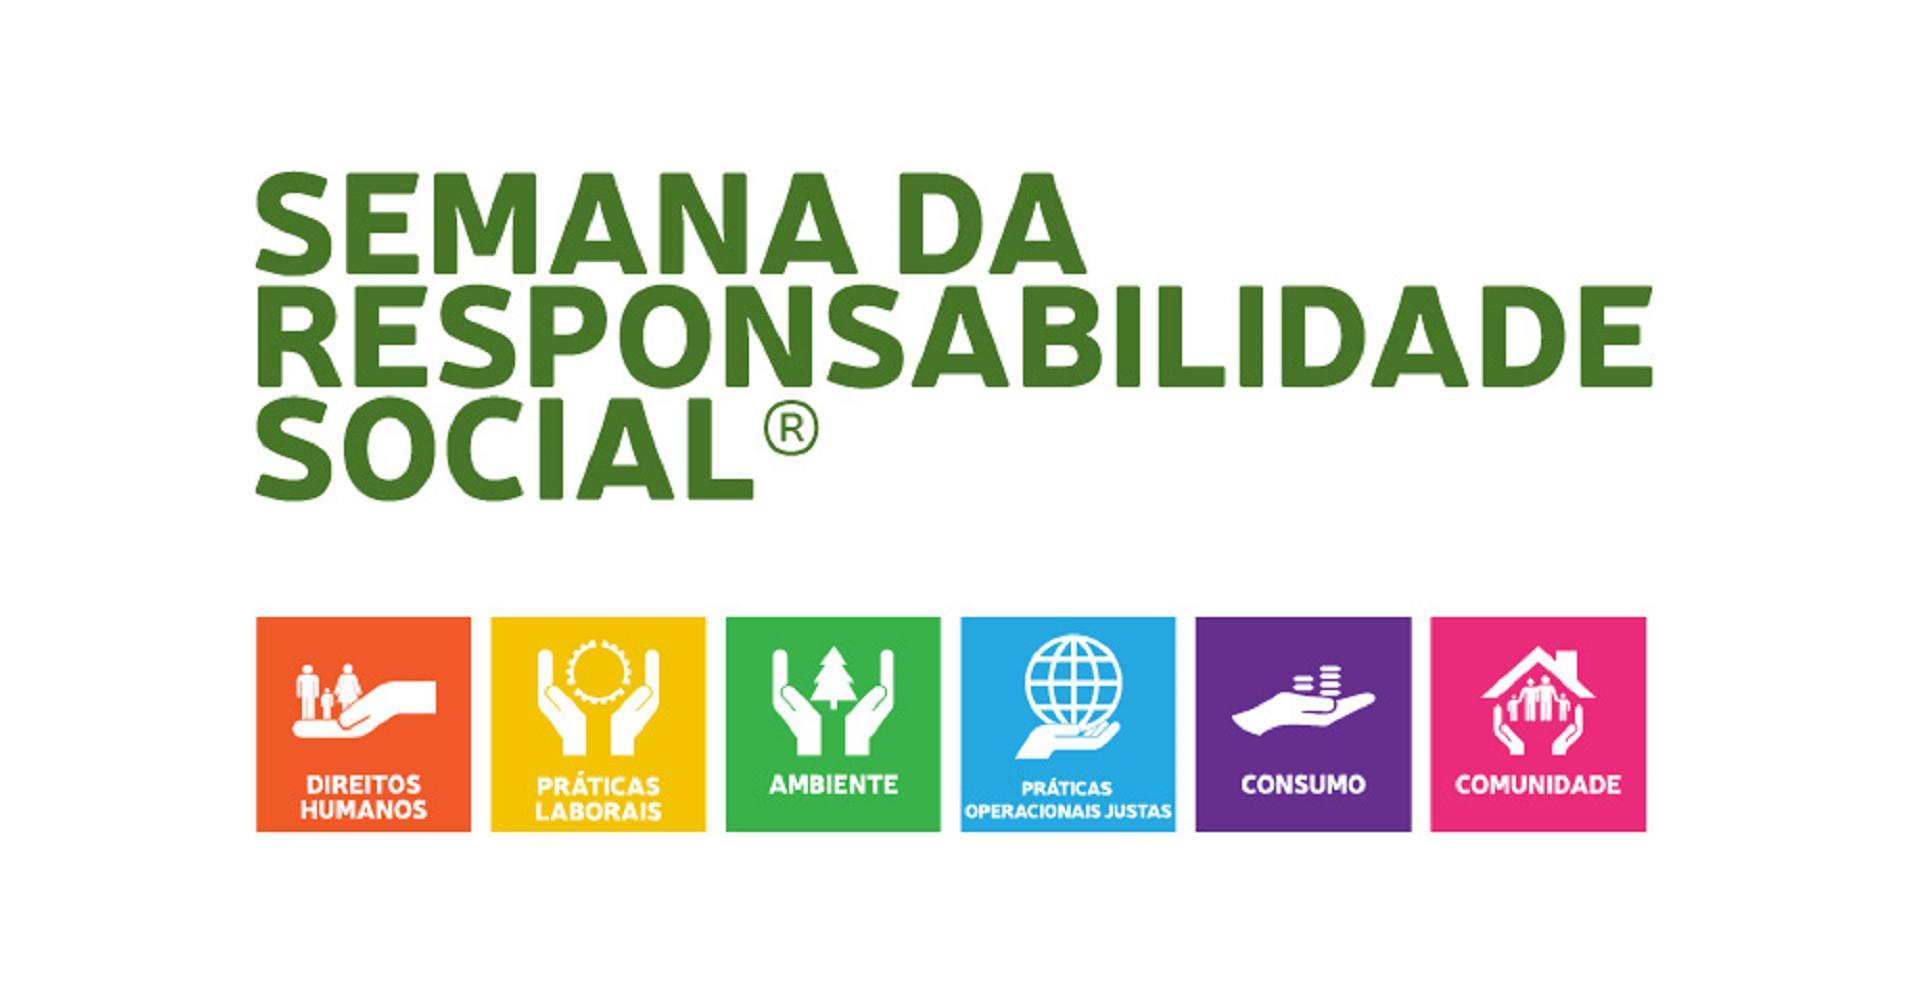 semana-da-responsabilidade-social-2020